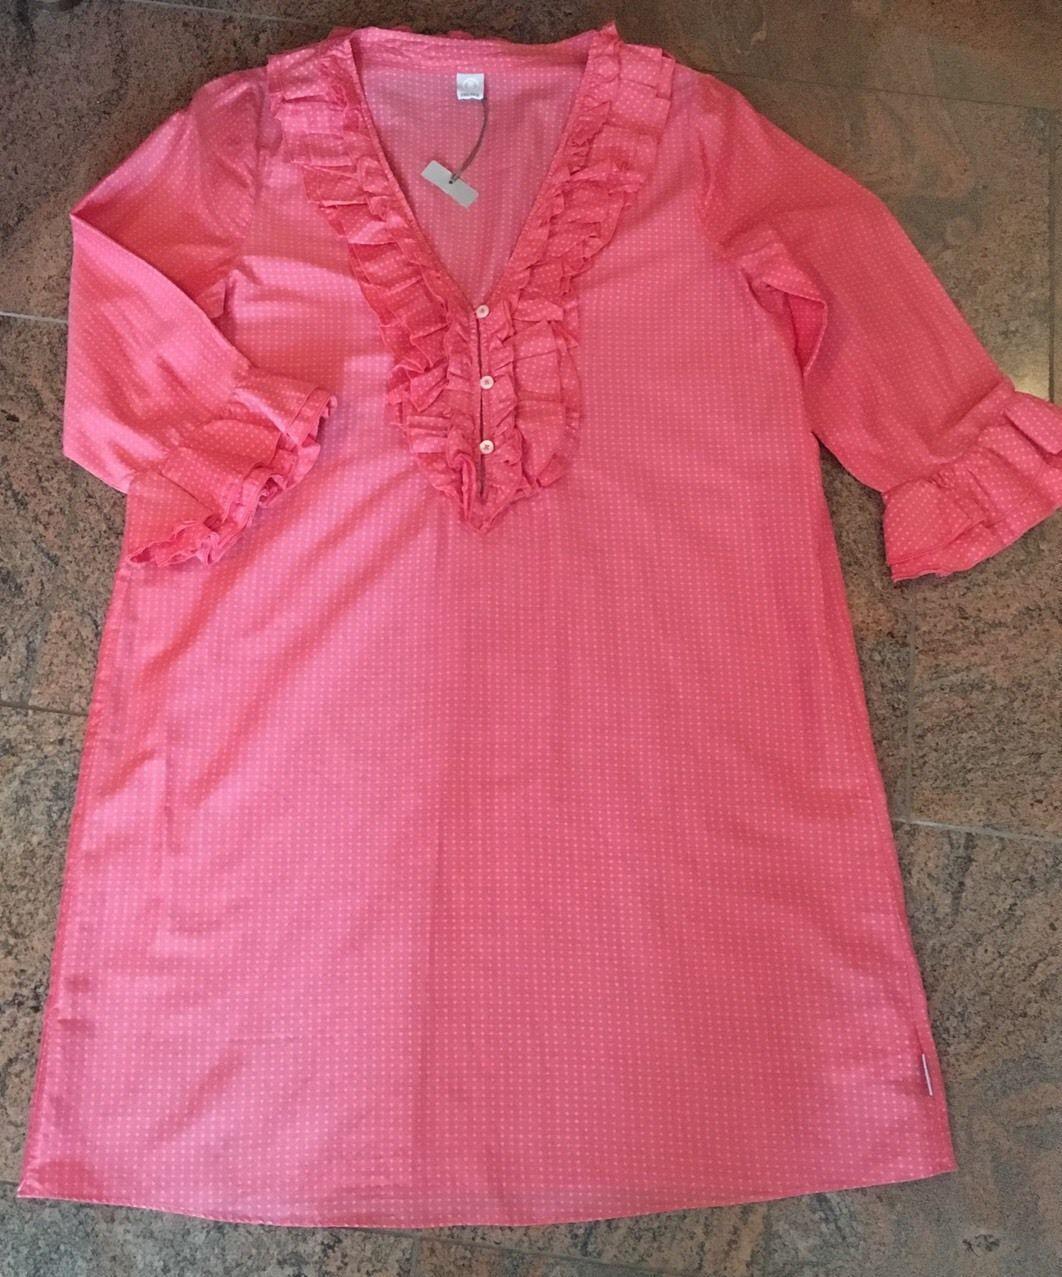 Bogner Fire ICE Kleid Tunika neu, edel edel edel und leicht, Gr 36 SeideBaumwolle | Die Farbe ist sehr auffällig  | Online Shop  | Maßstab ist der Grundstein, Qualität ist Säulenbalken, Preis ist Leiter  4cc3cb